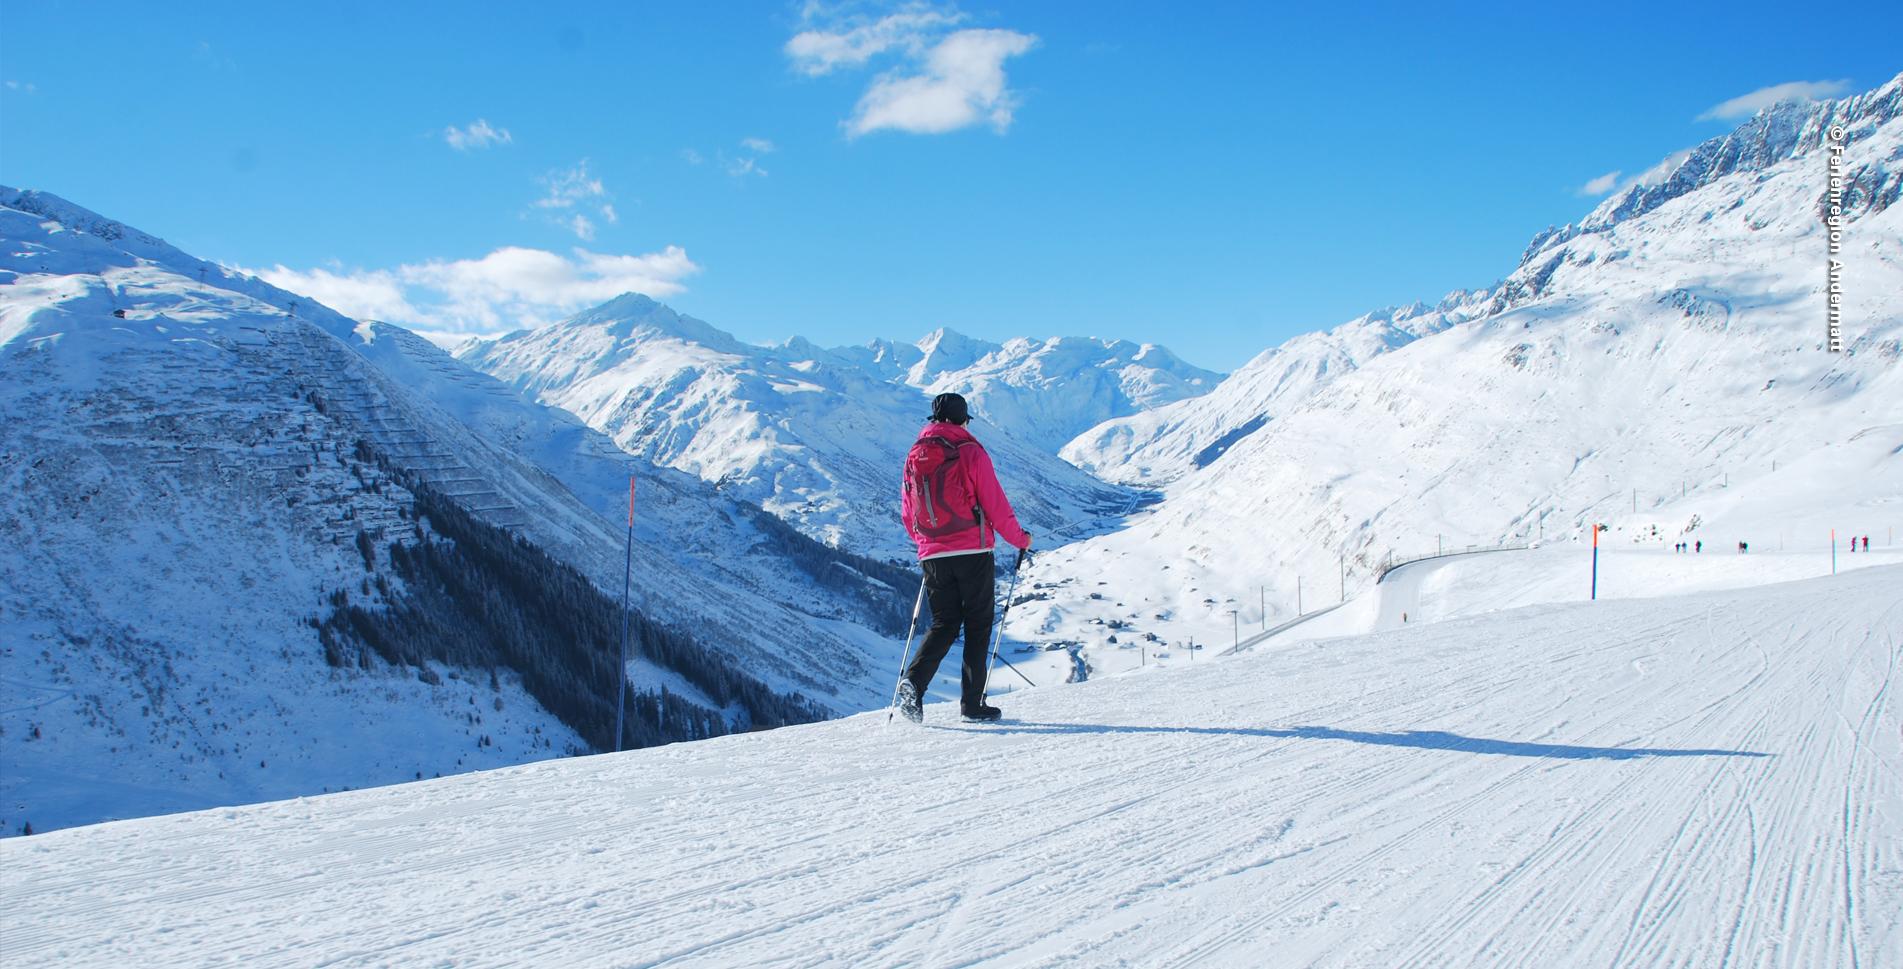 Winterwanderung von Andermatt auf der Oberalp-Passstrasse hinauf zum Nätschen mit anschliessendem Schlitteln